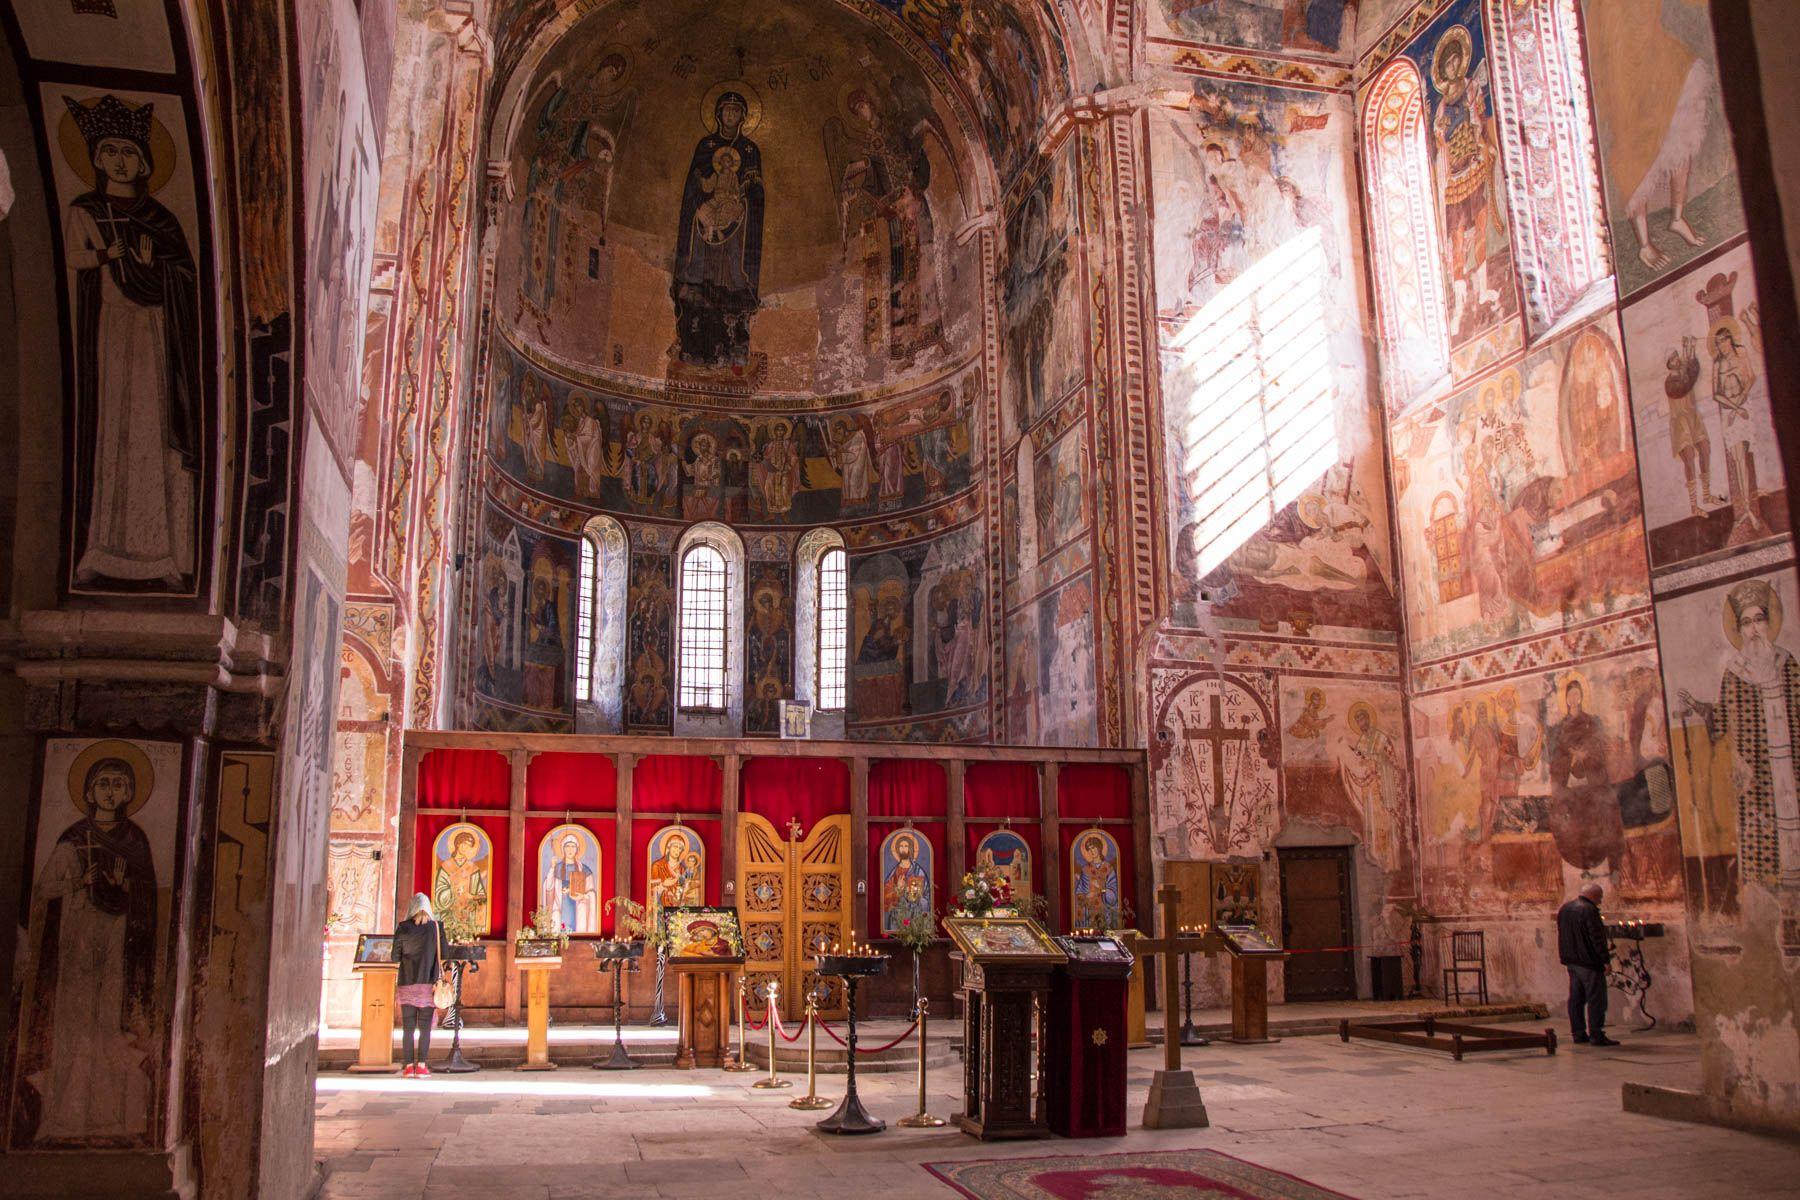 The interior of the stunning Gelati monastery in Kutaisi, Georgia - Lost With Purpose